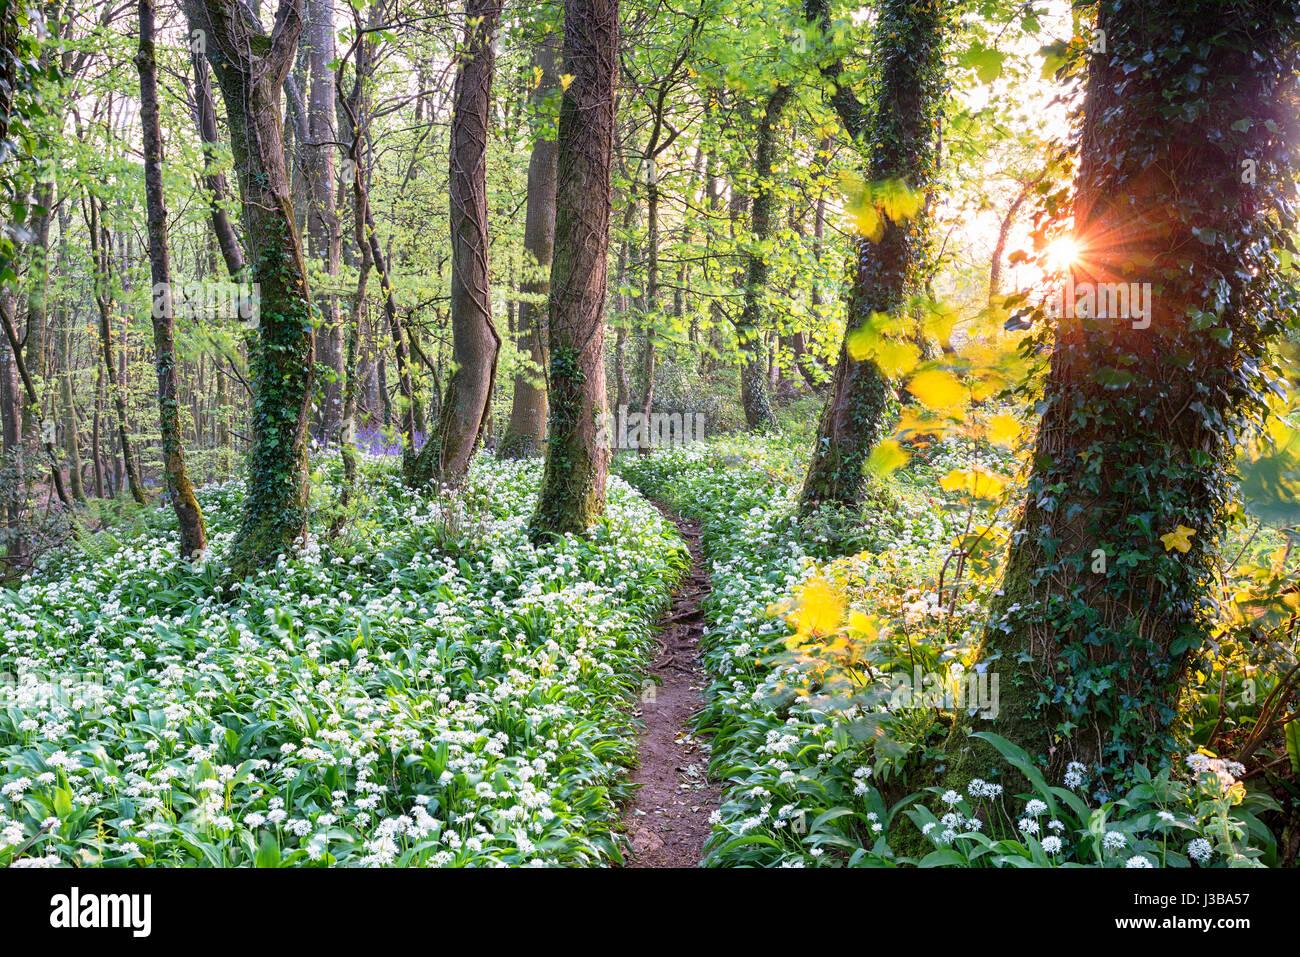 Una ruta a través de los ajos silvestres en los bosques cerca de Camborne en Cornwall. Imagen De Stock